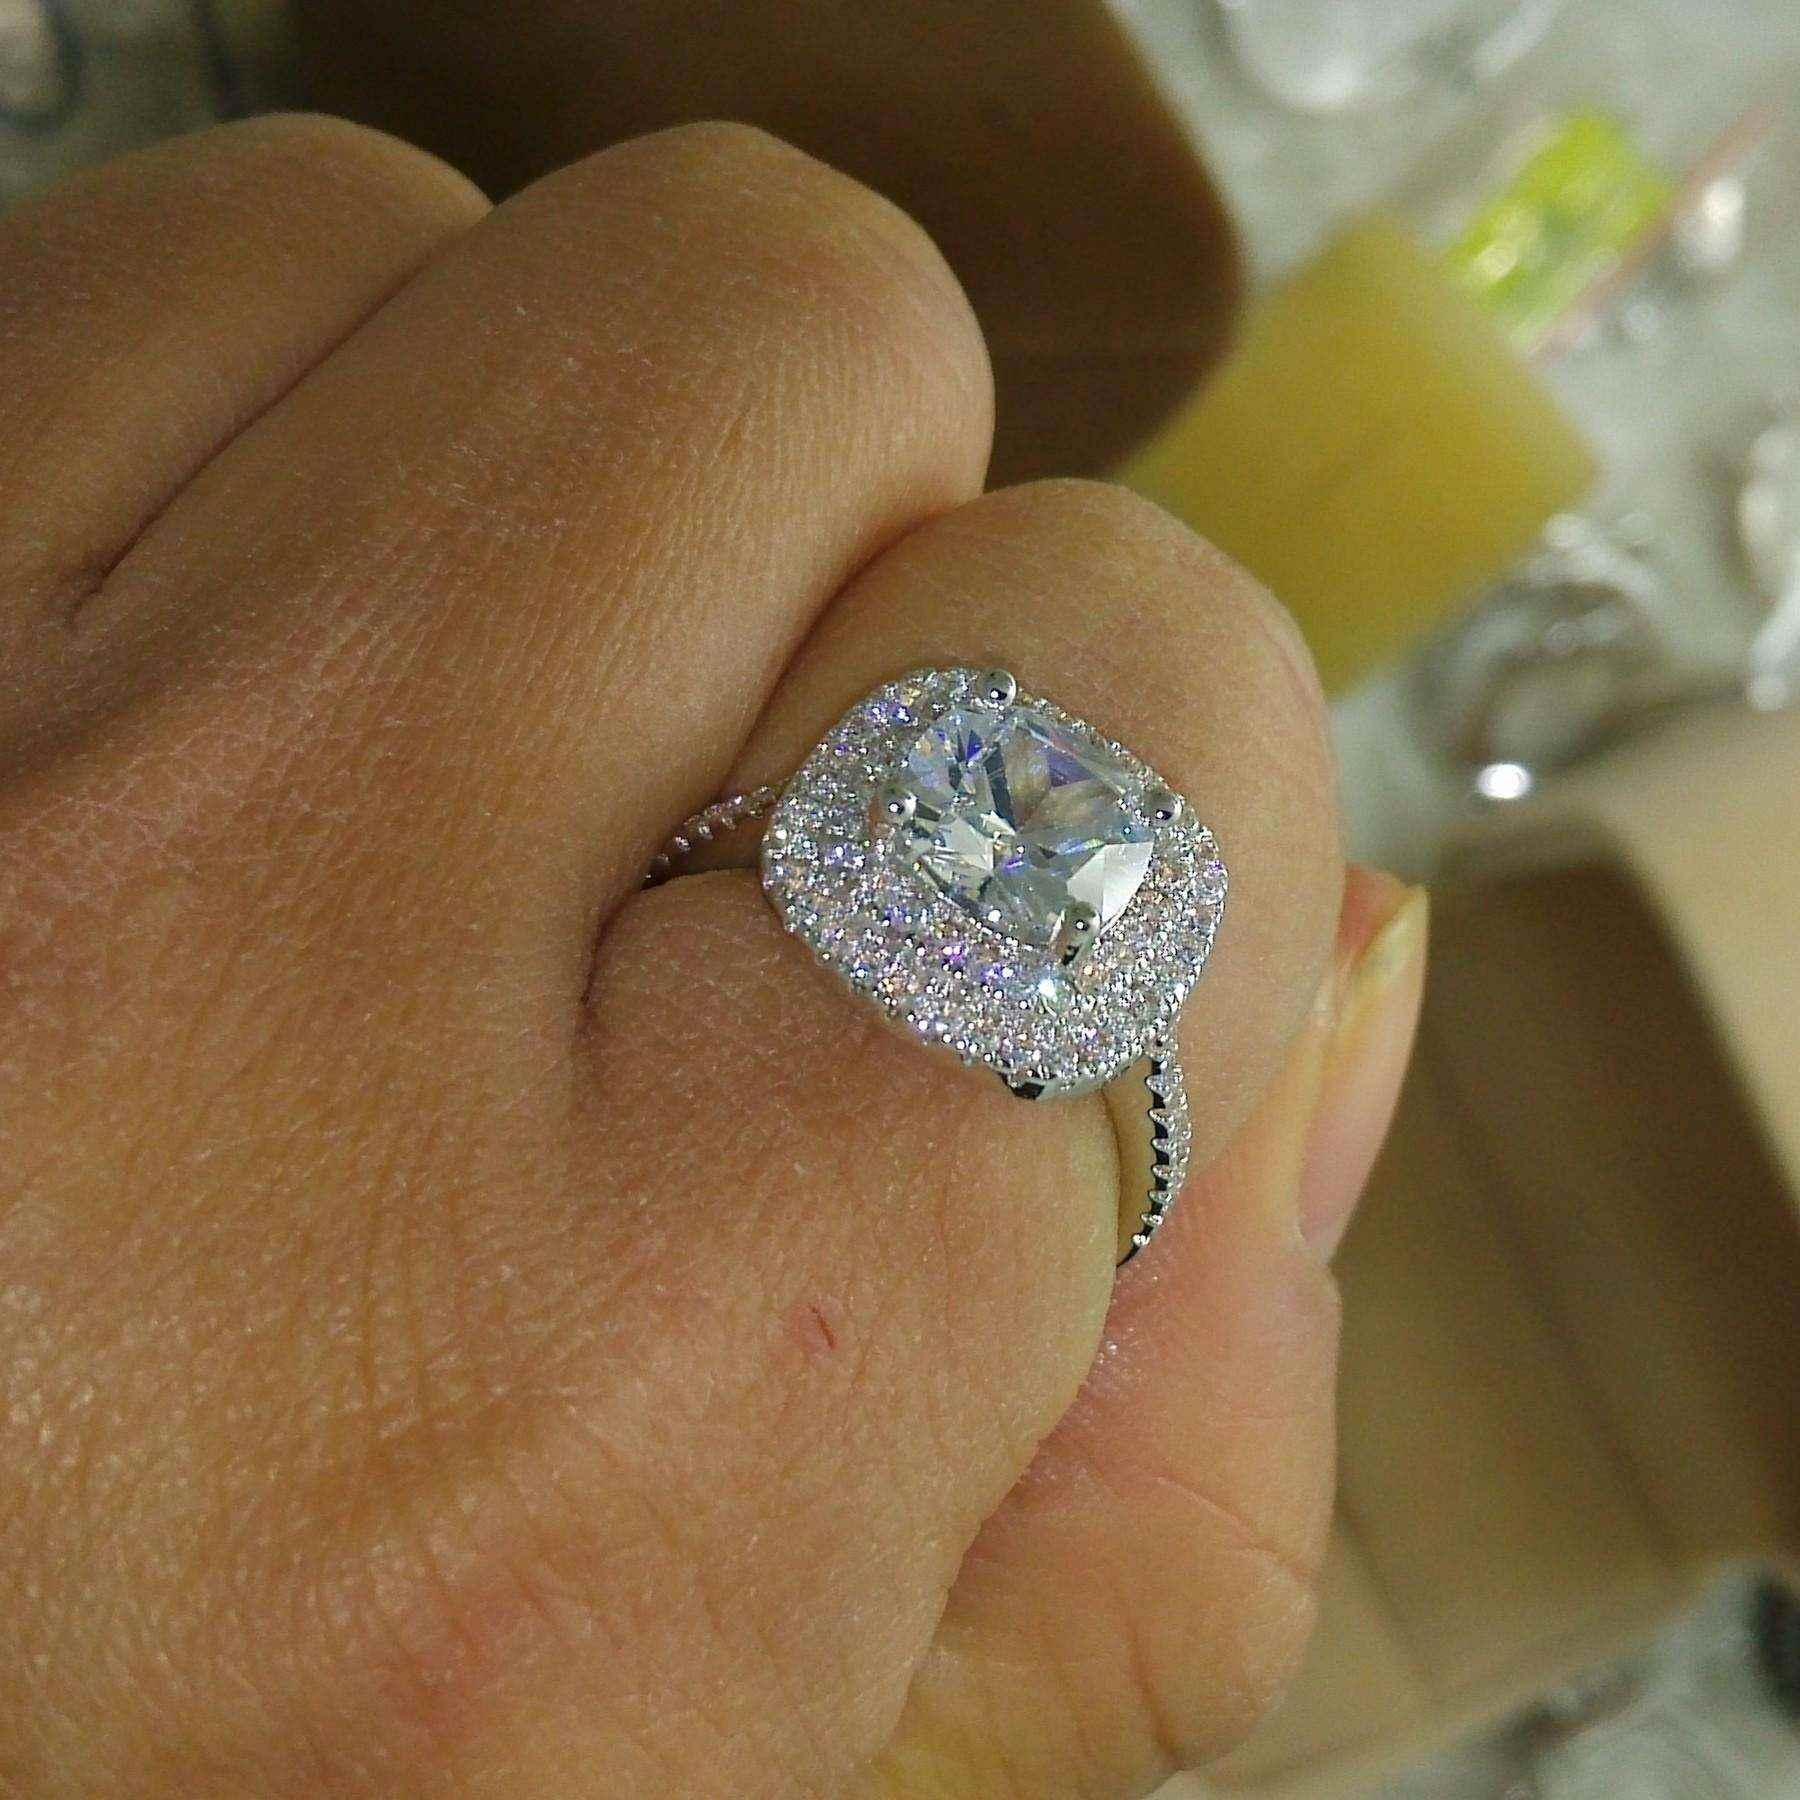 Размер 5-10 Роскошные ювелирные изделия 925 sterlling серебро пресыщается топаз CZ Алмазный Gem женщин свадьба имитируется подарок алмаз обручальное обручальное кольцо